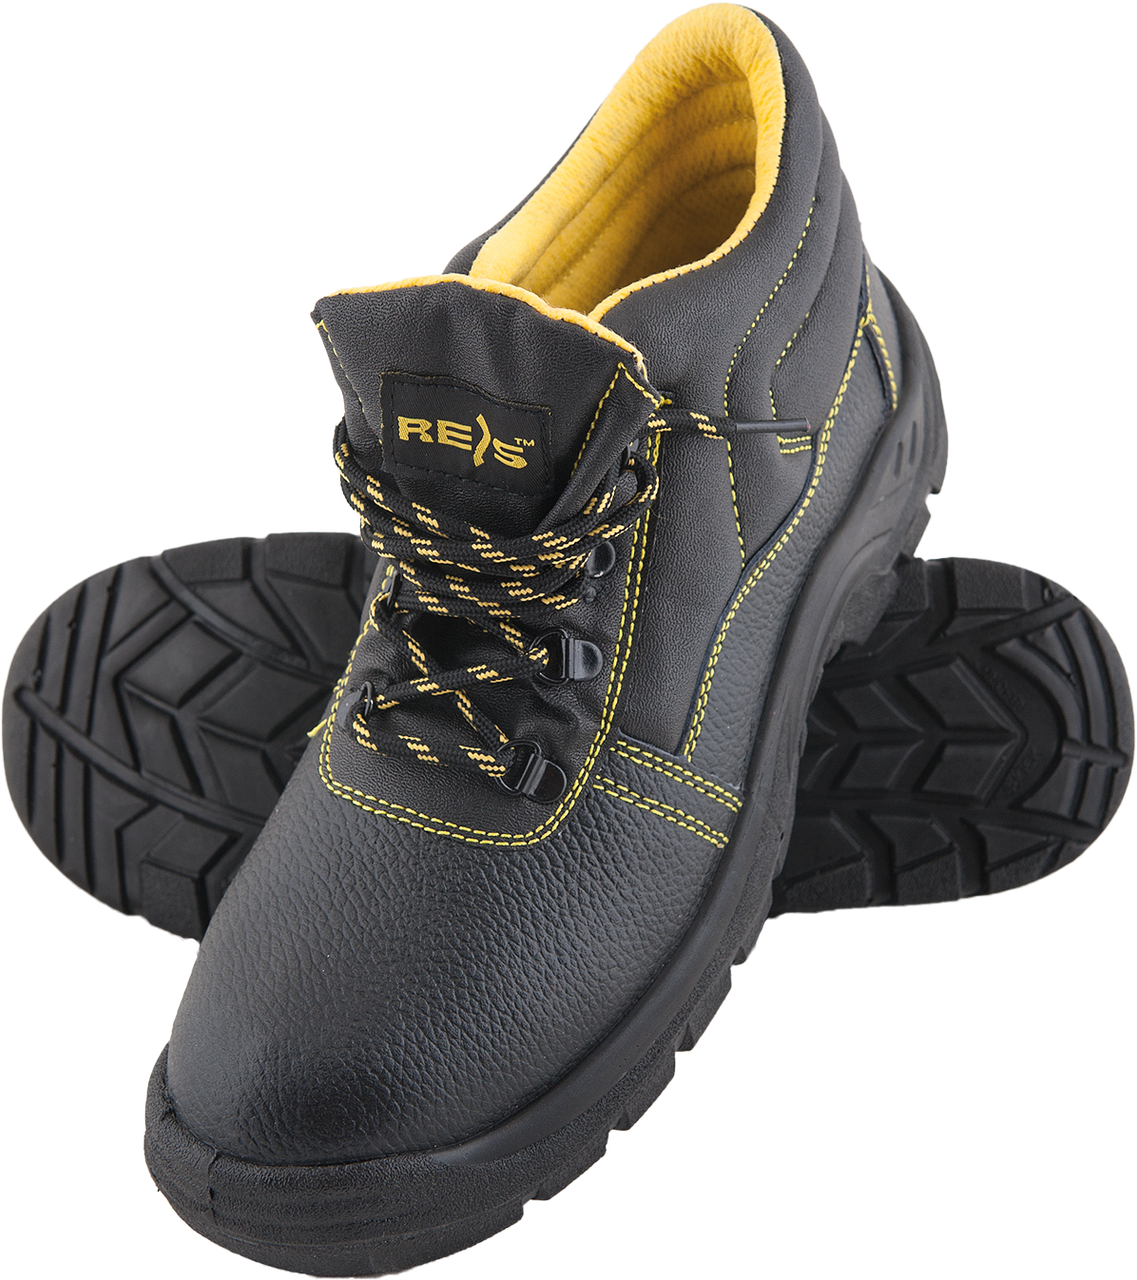 Спецобувь BRYES-T-S1P BY универсальная Reis Польша (рабочие ботинки)